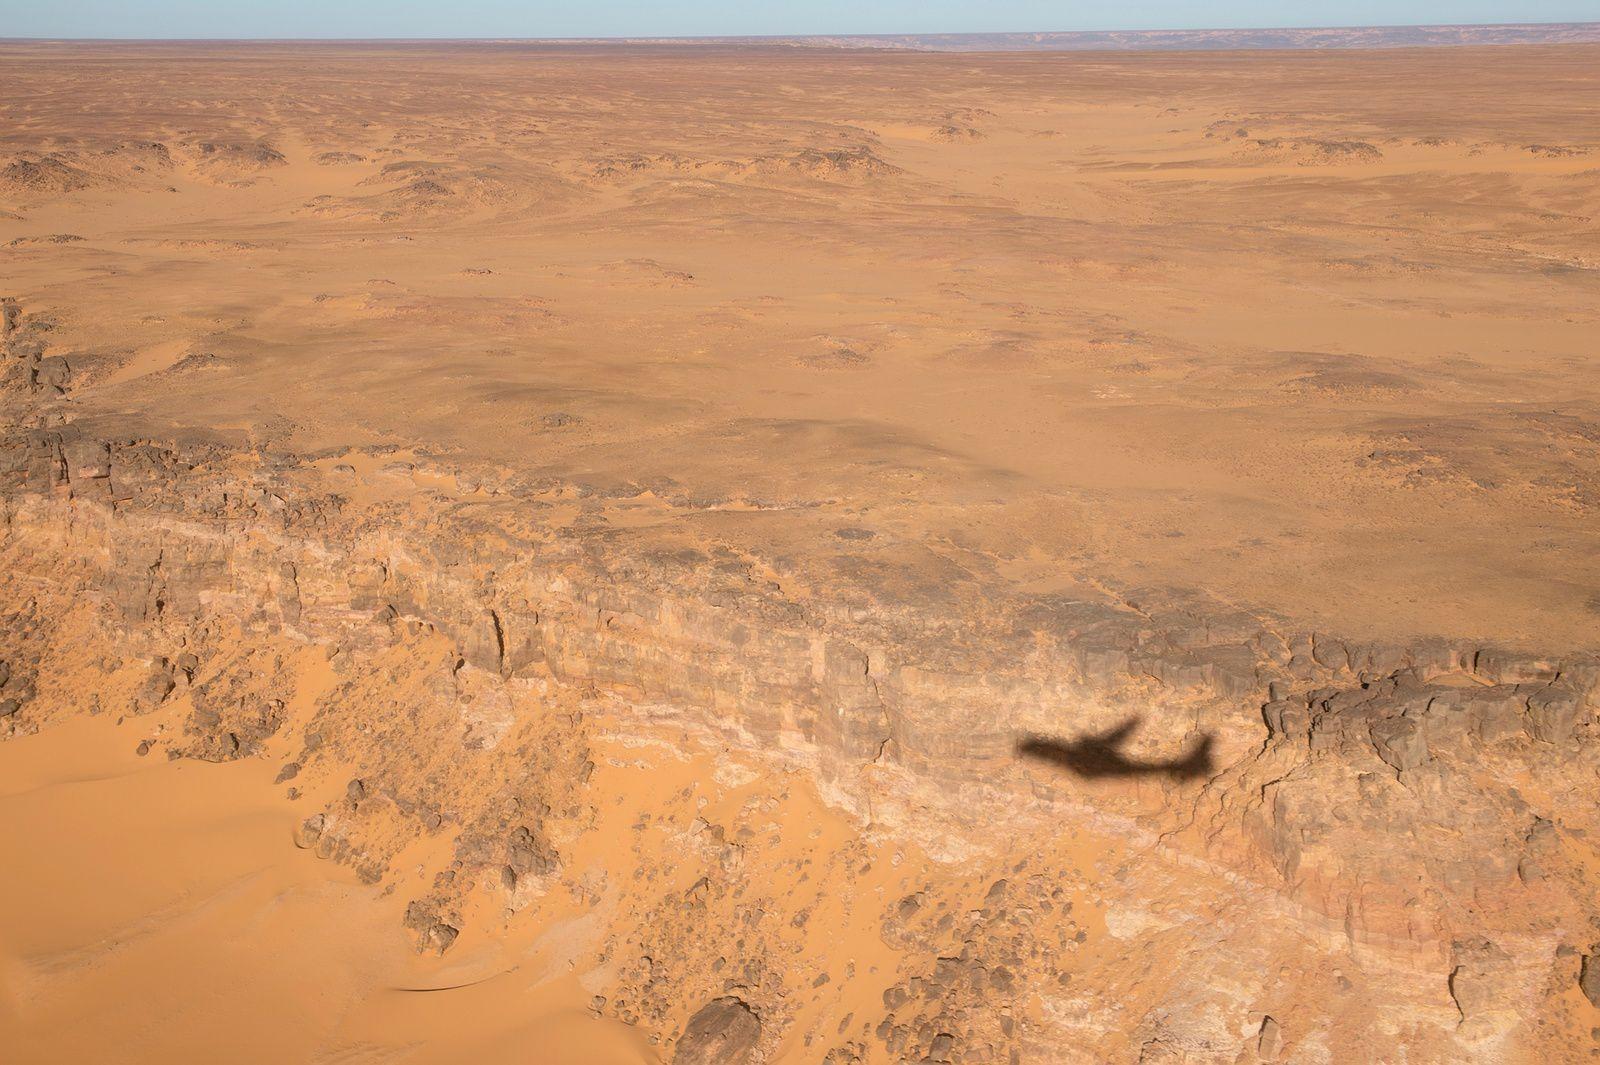 © JL. Brunet / Armée de l'Air - Un CN-235 en mission au-dessus des paysages lunaires et désertiques de la BSS.